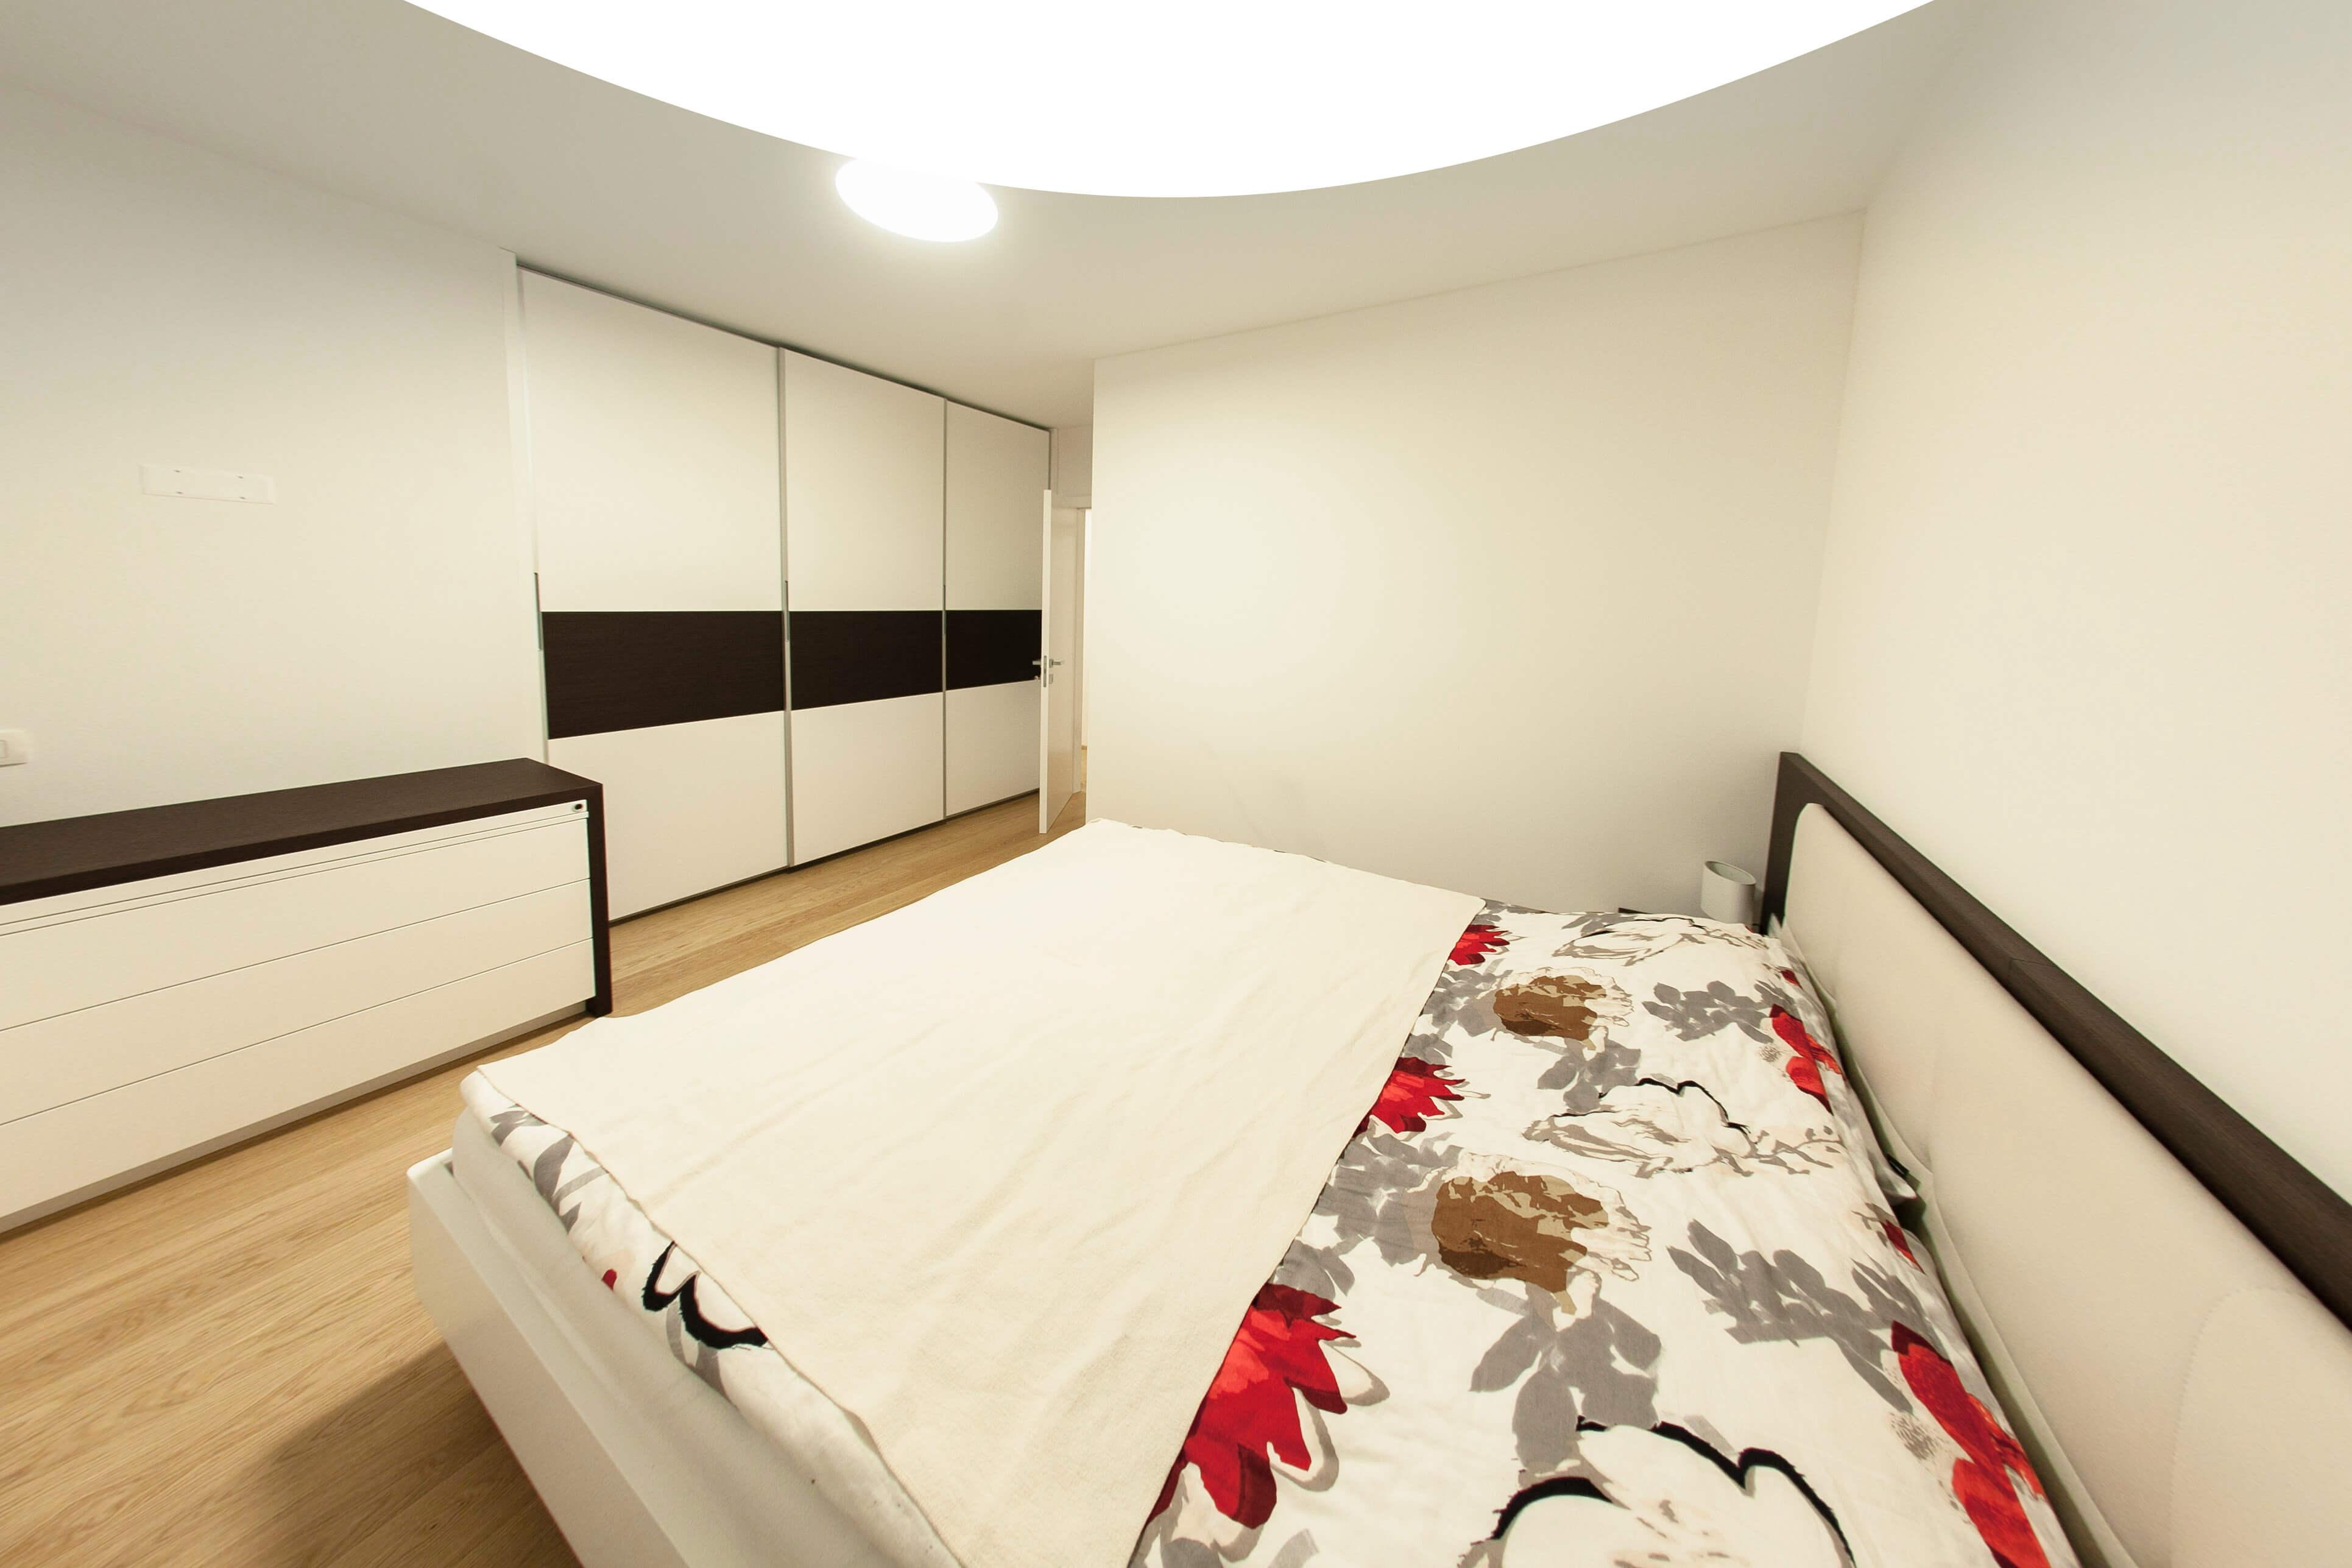 pohištvo za spalnico po naročilu